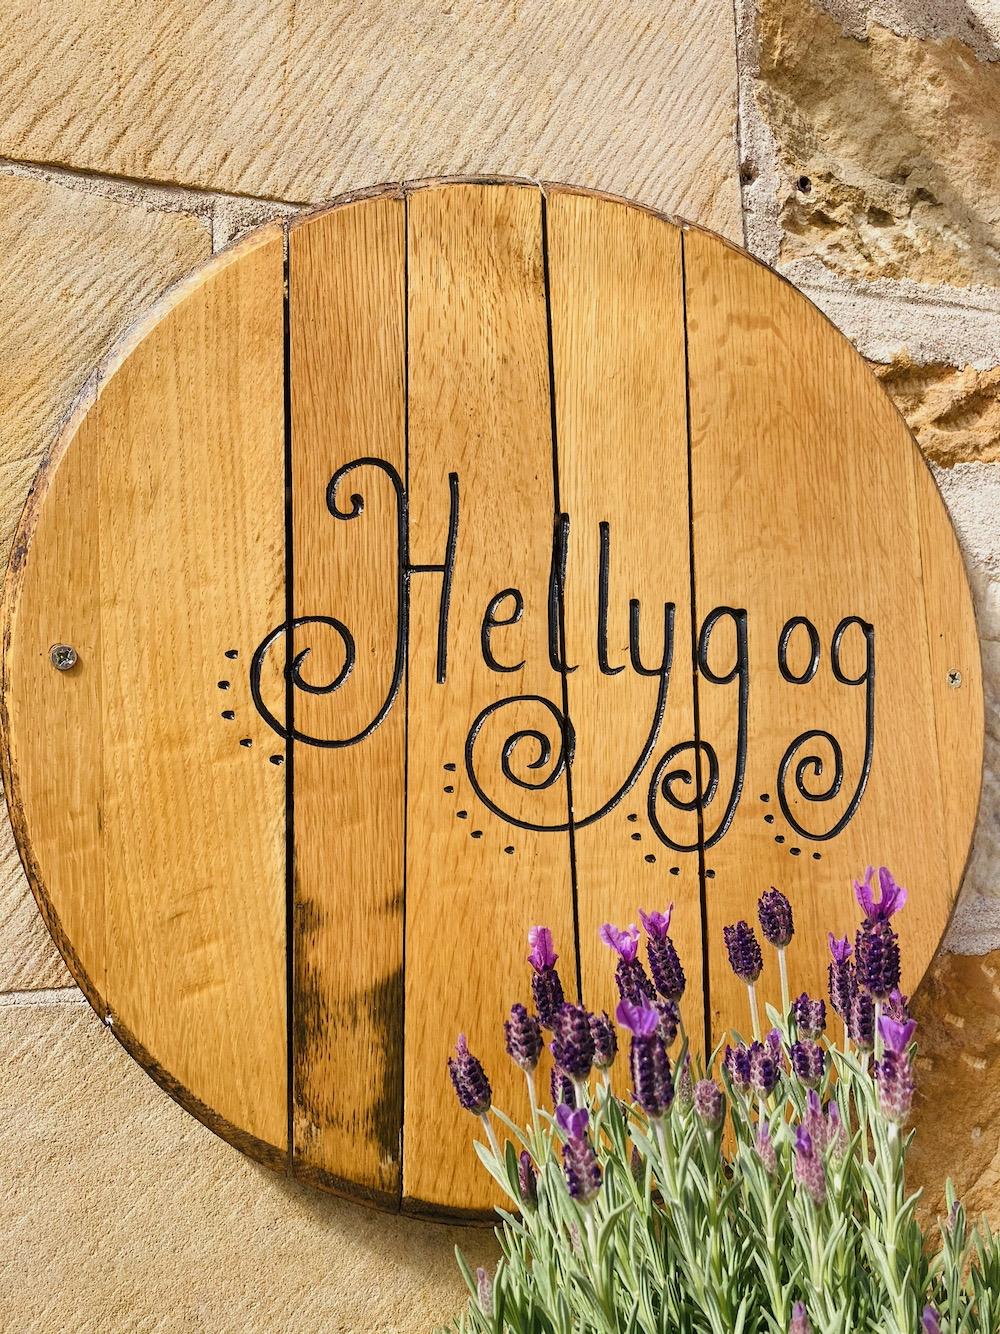 Hellygog at Logie STeading